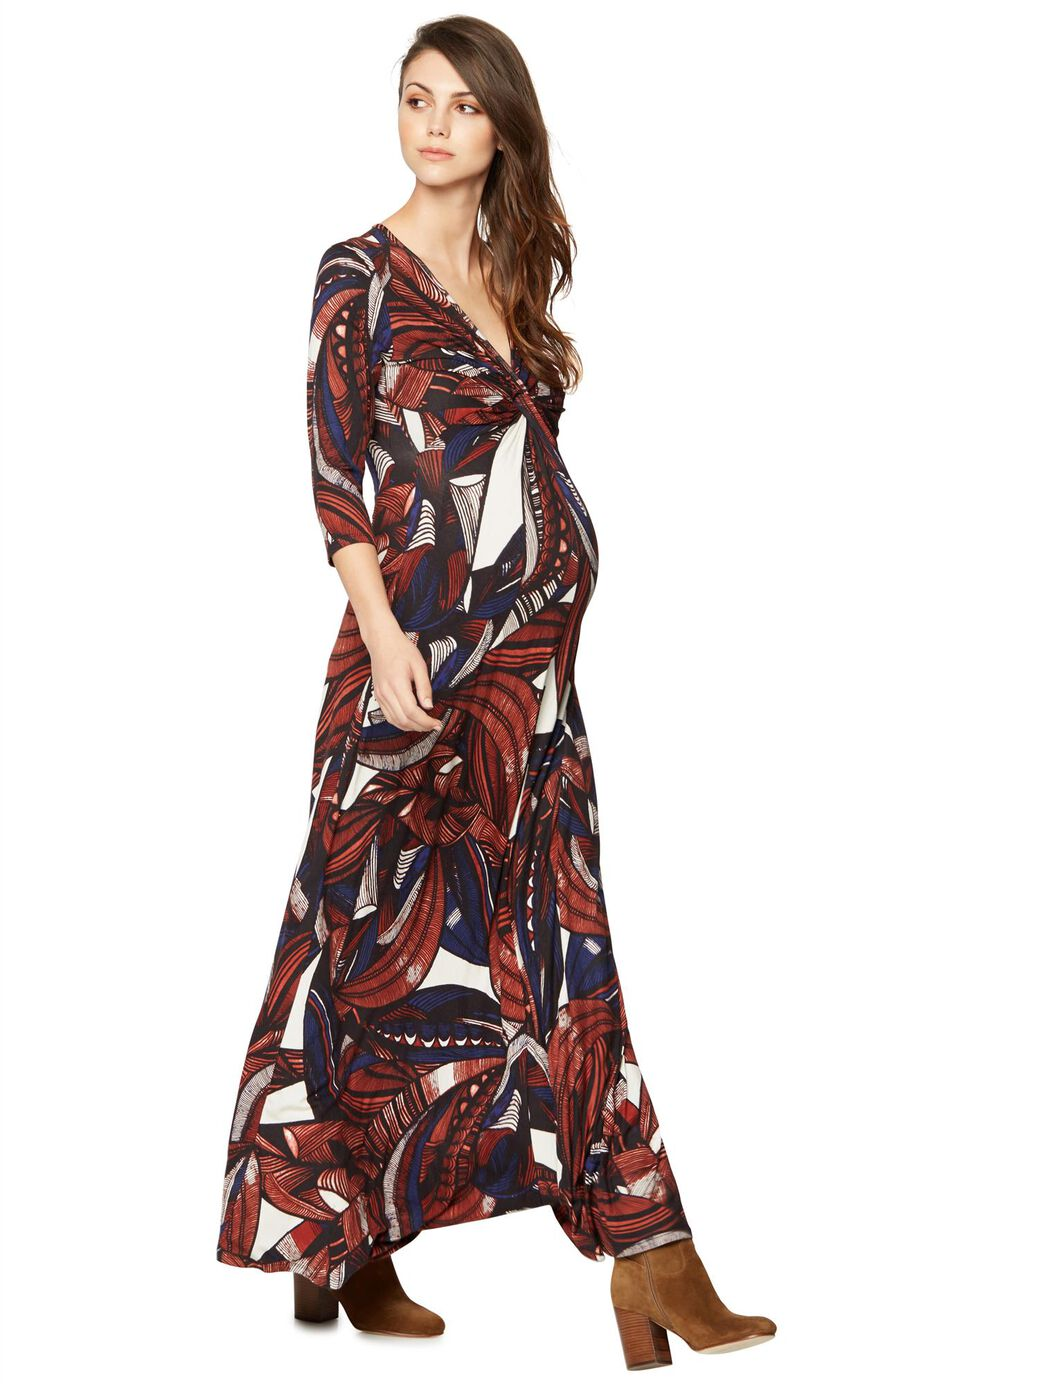 Vneck mod print maternity maxi dress a pea in the pod maternity vneck mod print maternity maxi dress multi print ombrellifo Gallery